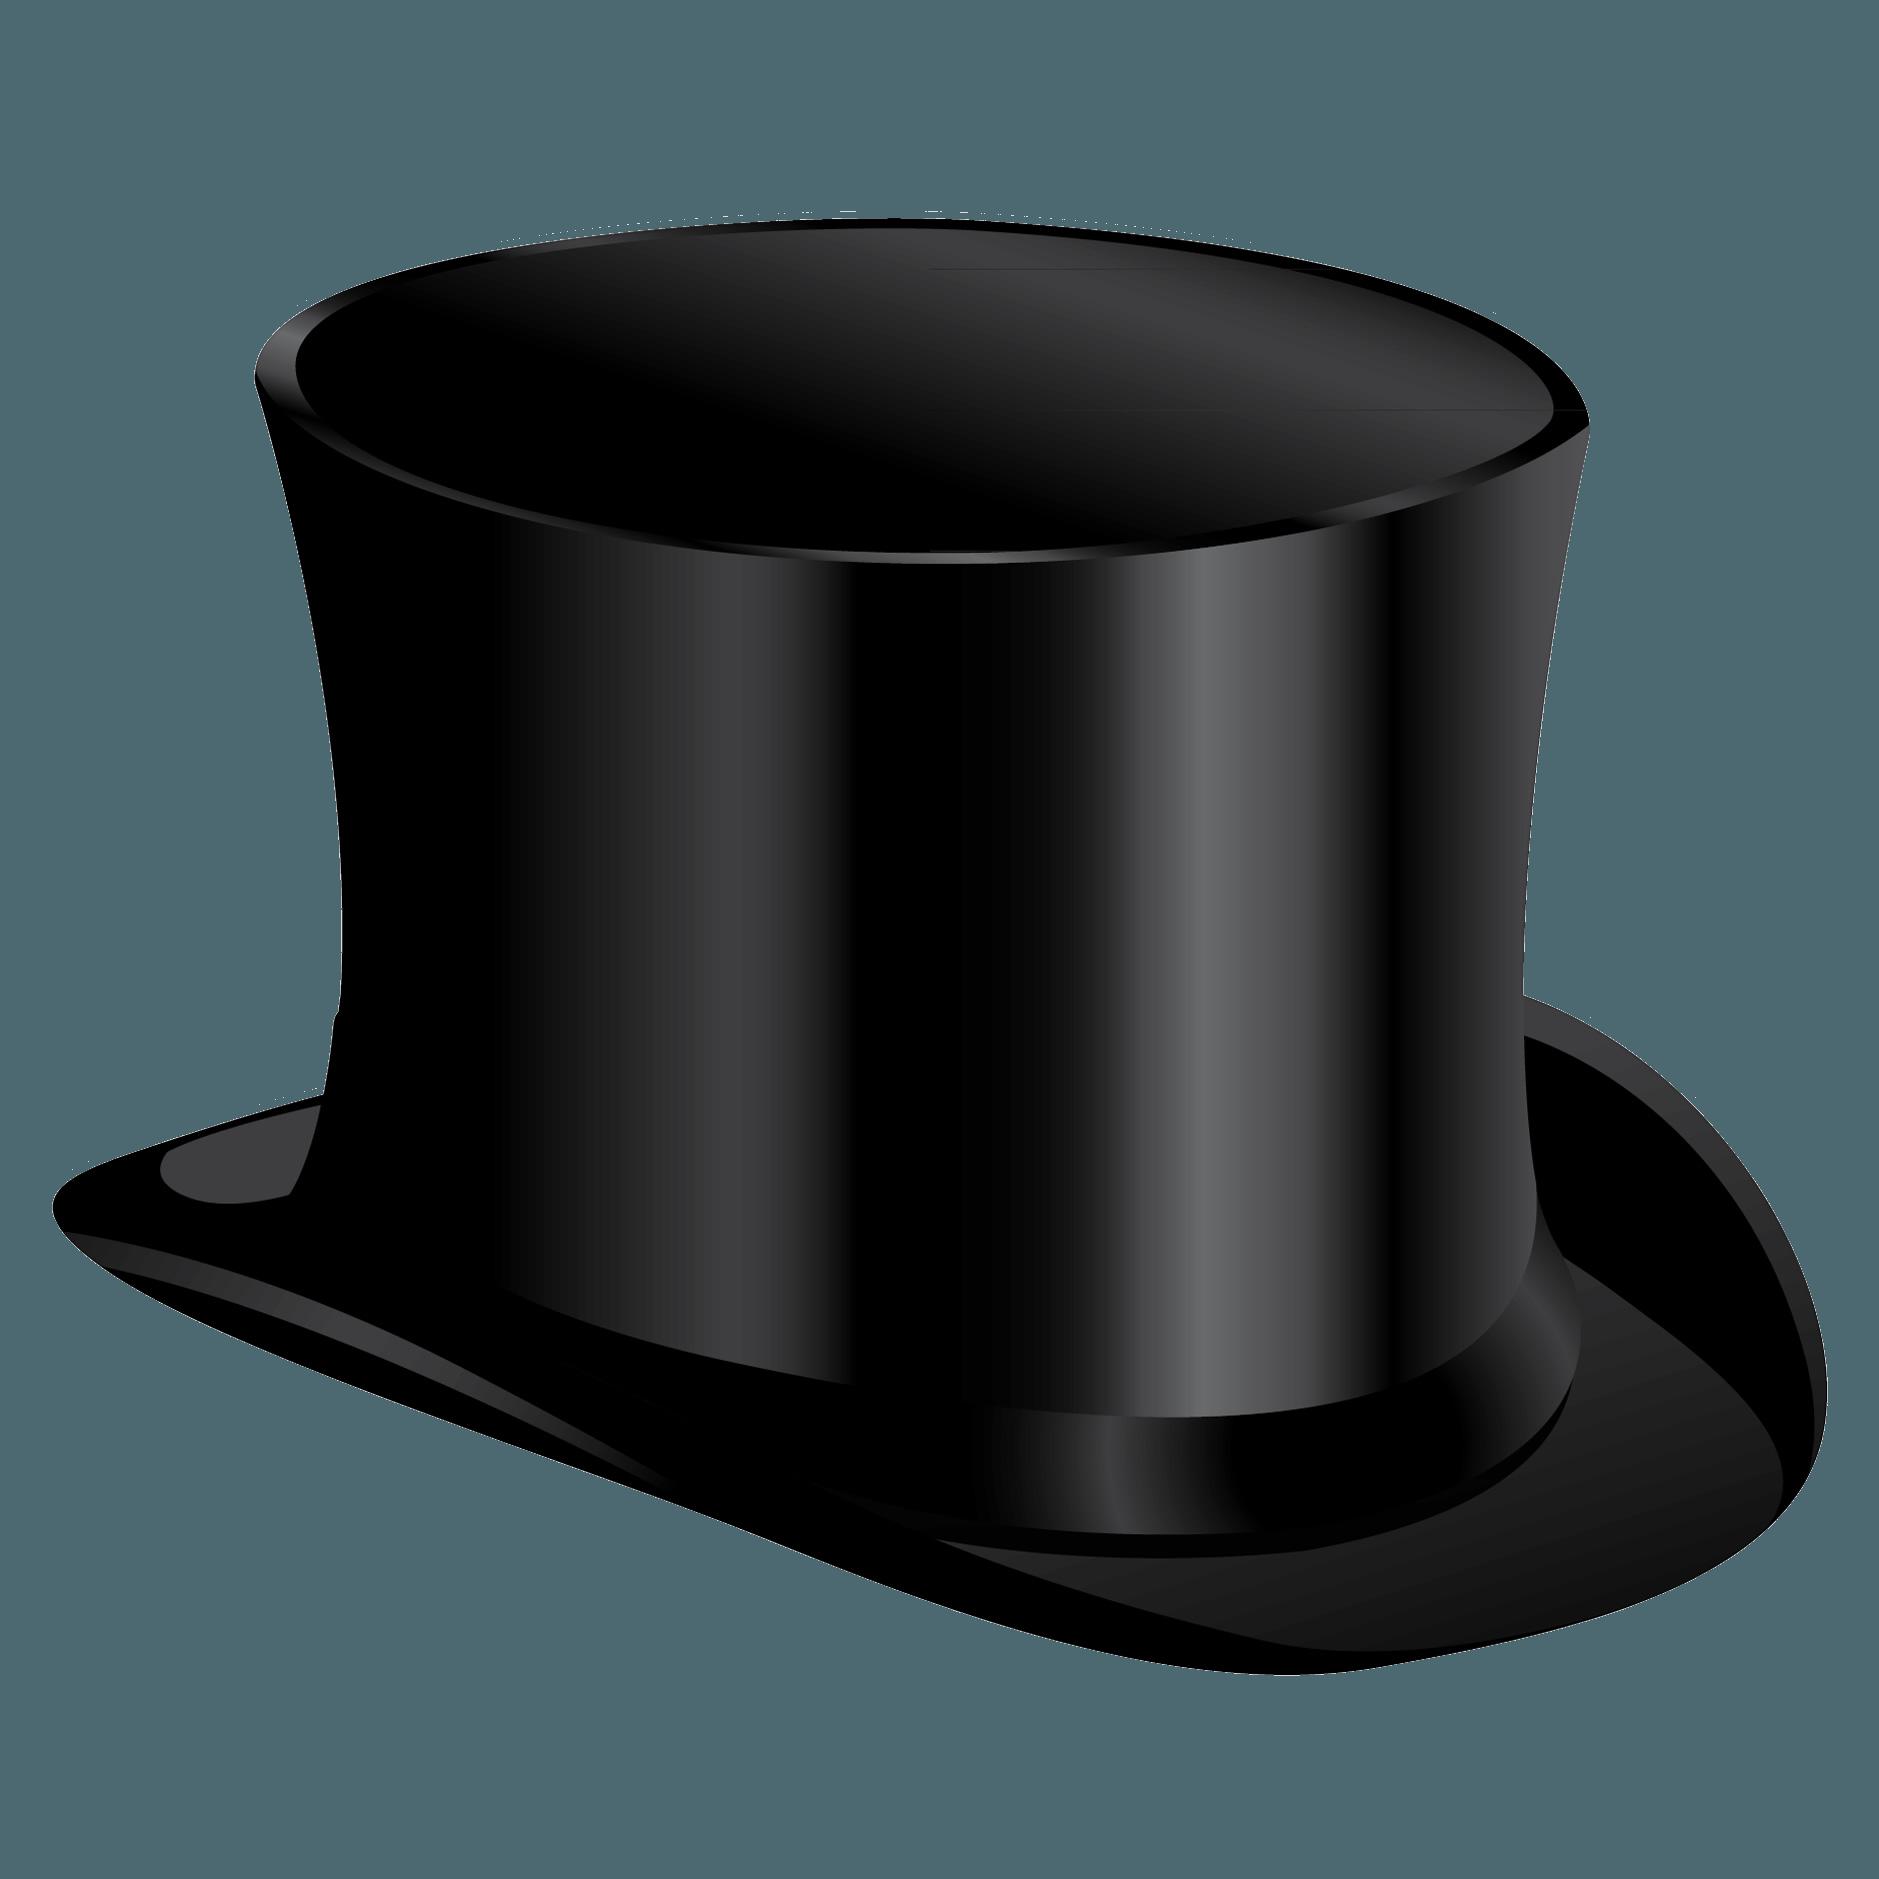 Download Black Cylinder Hat Png Image HQ PNG Image ...